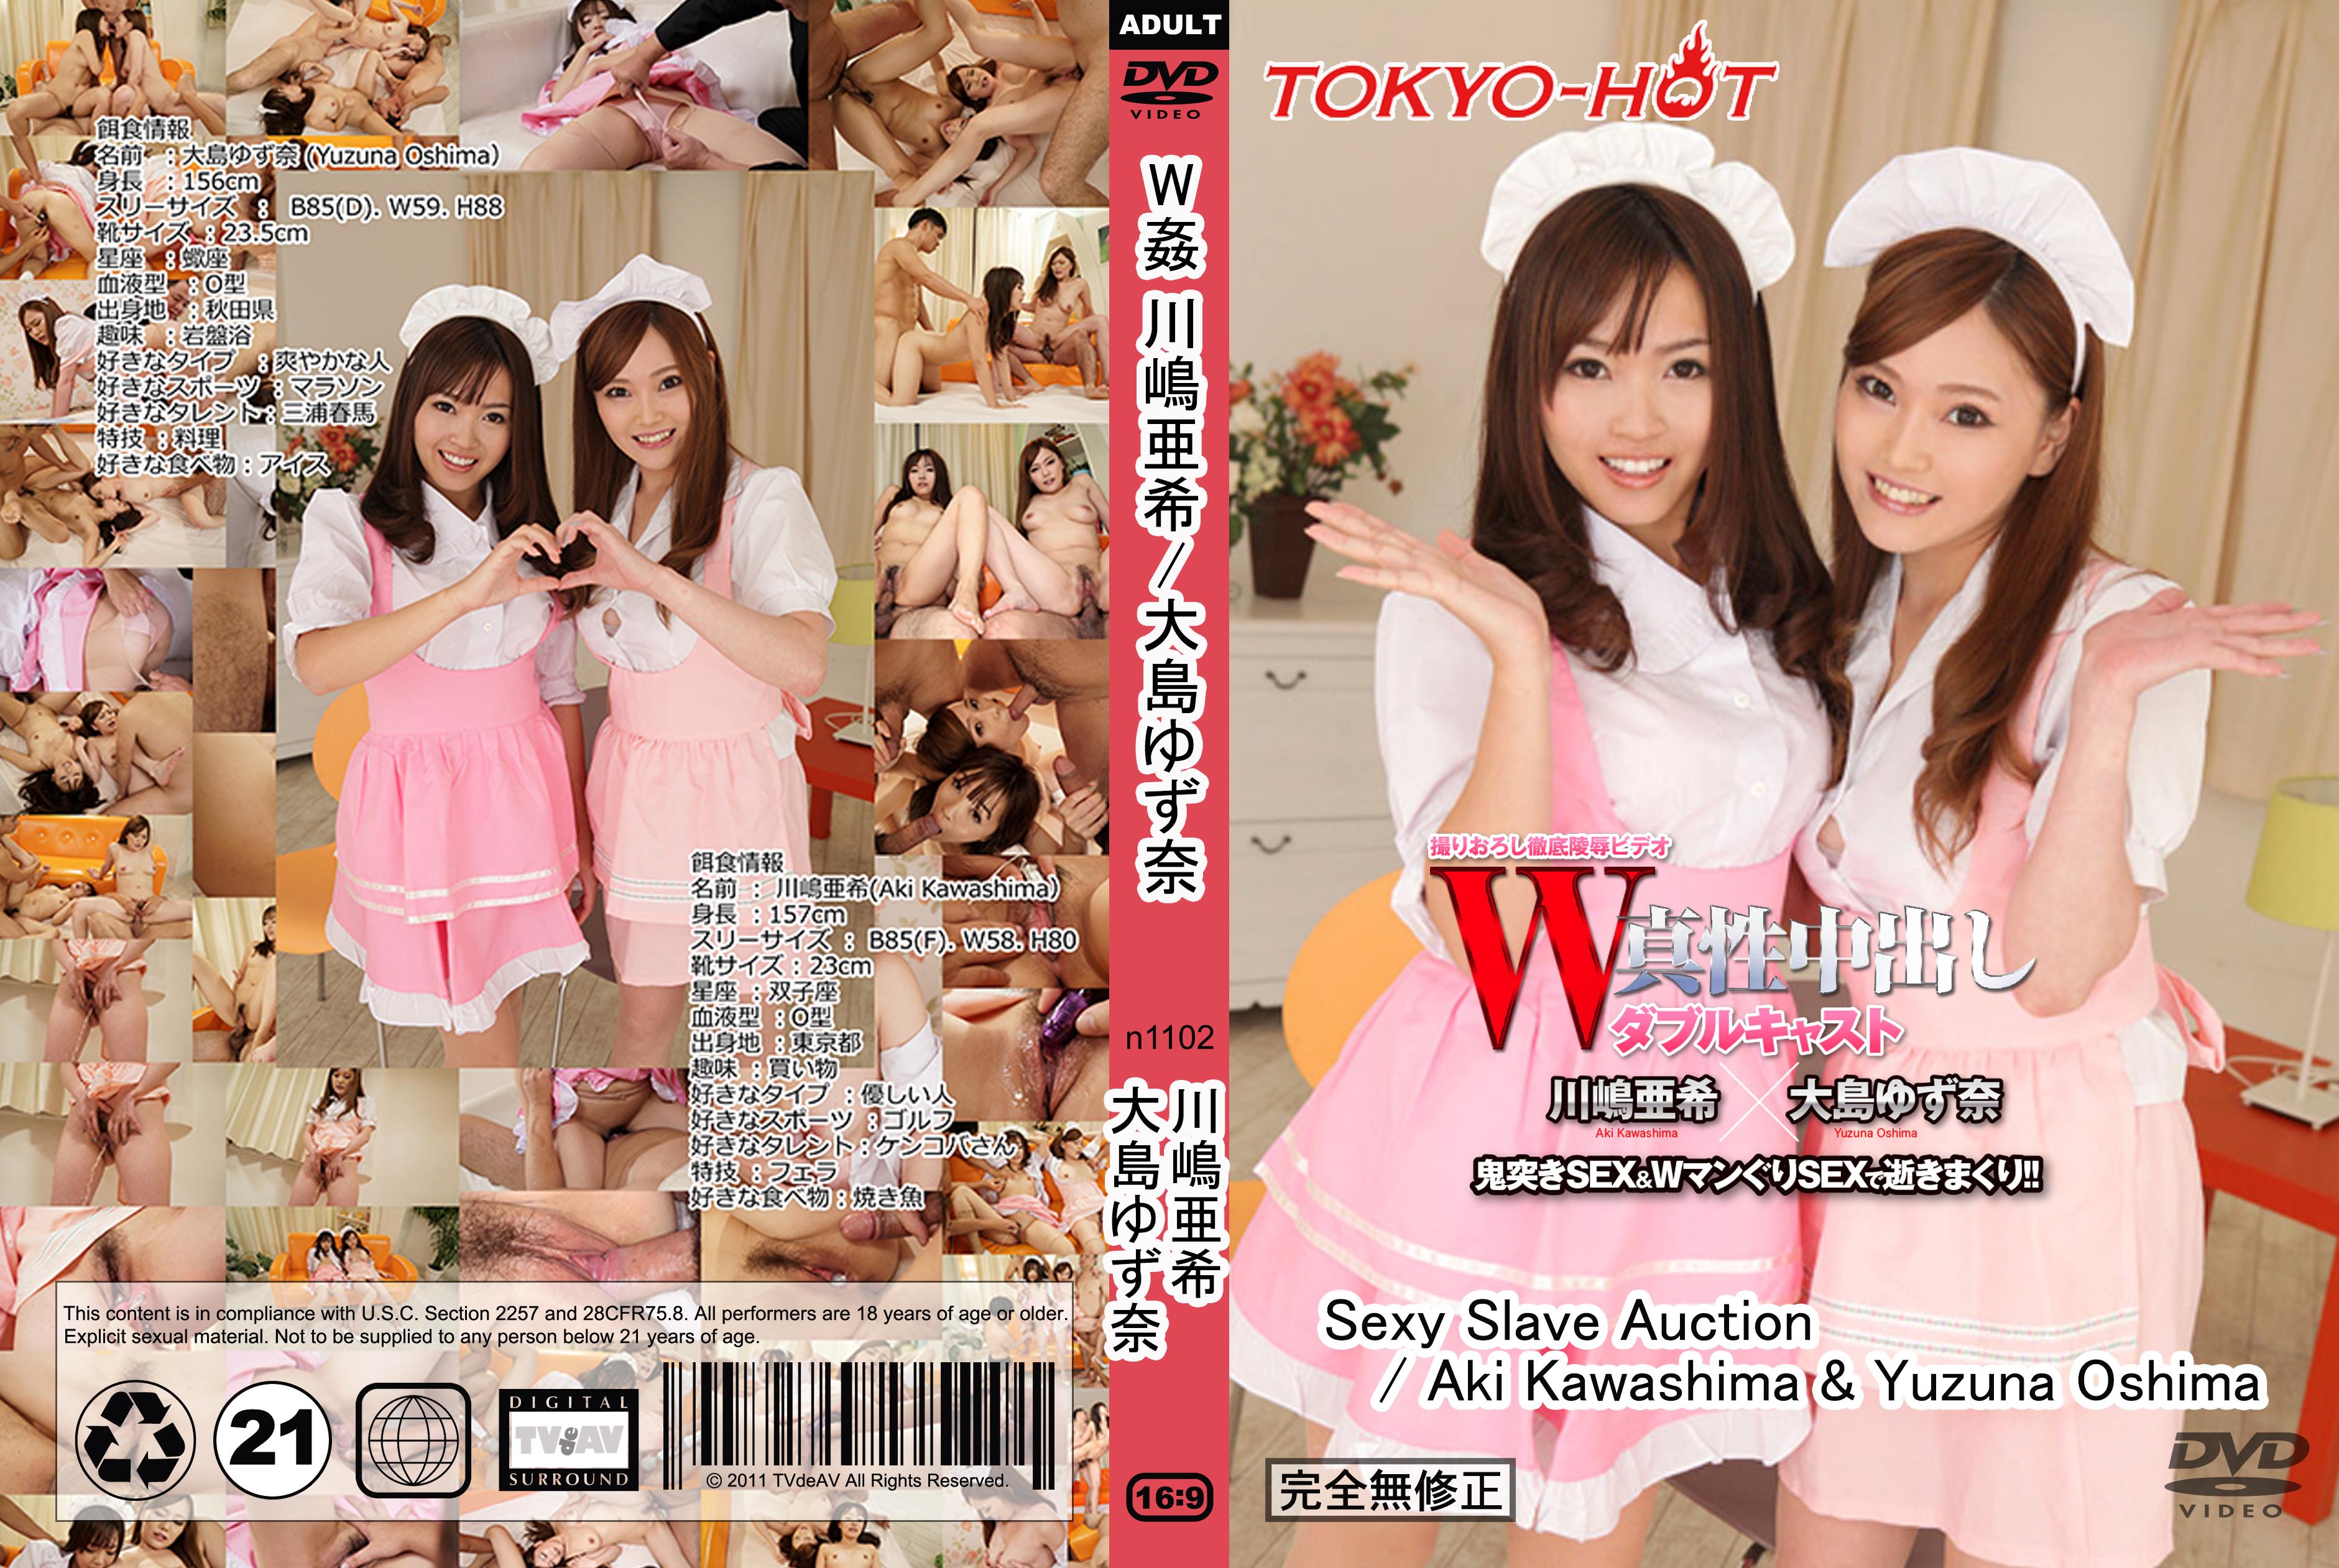 tokyo-hot-n1102-Wカン 川嶋亜希/大島ゆず奈